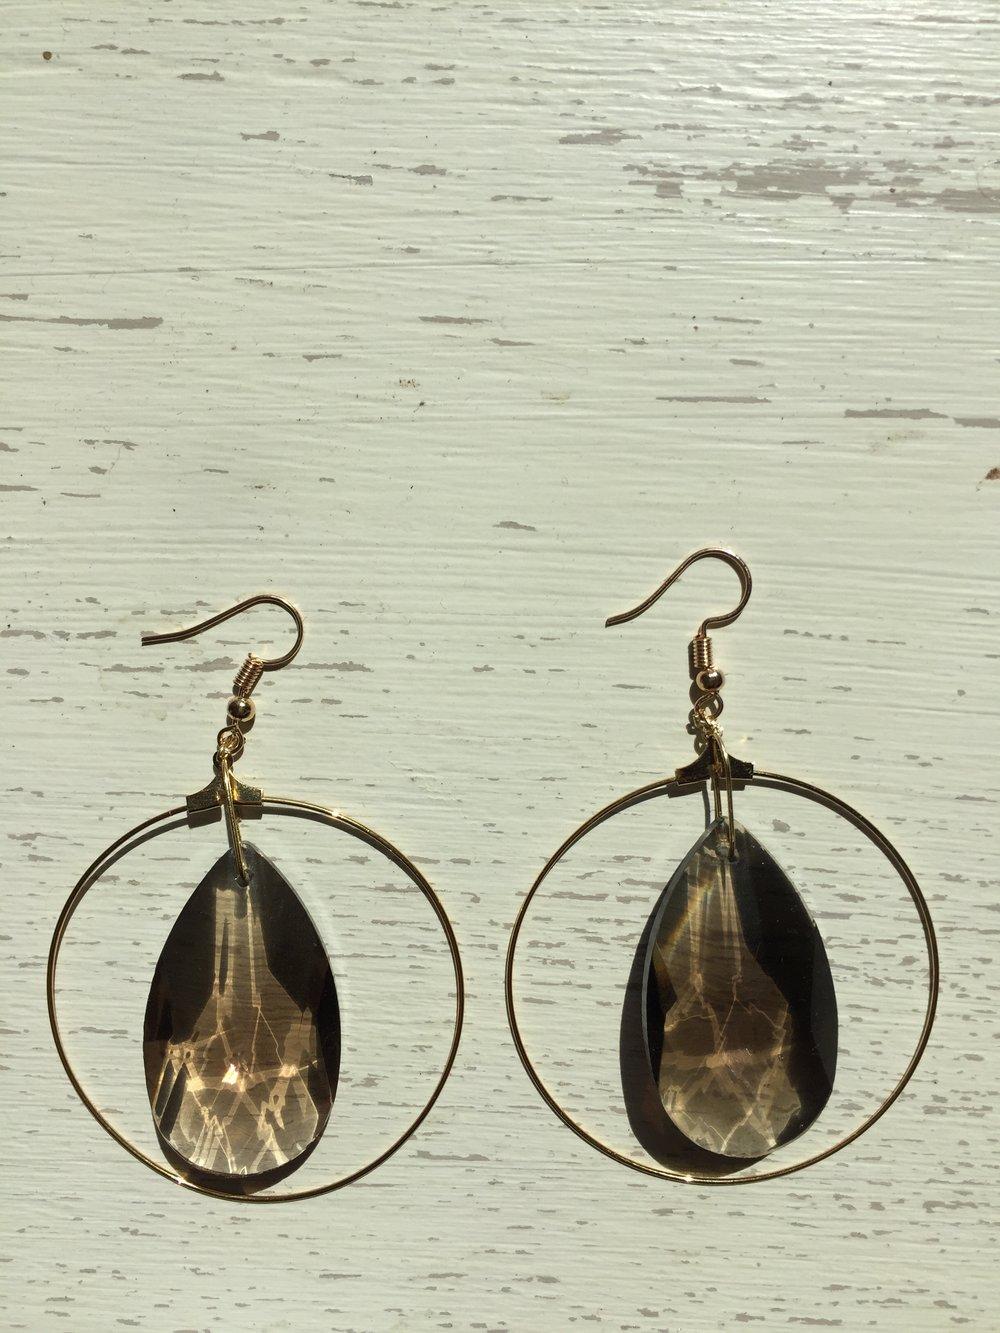 final earrings